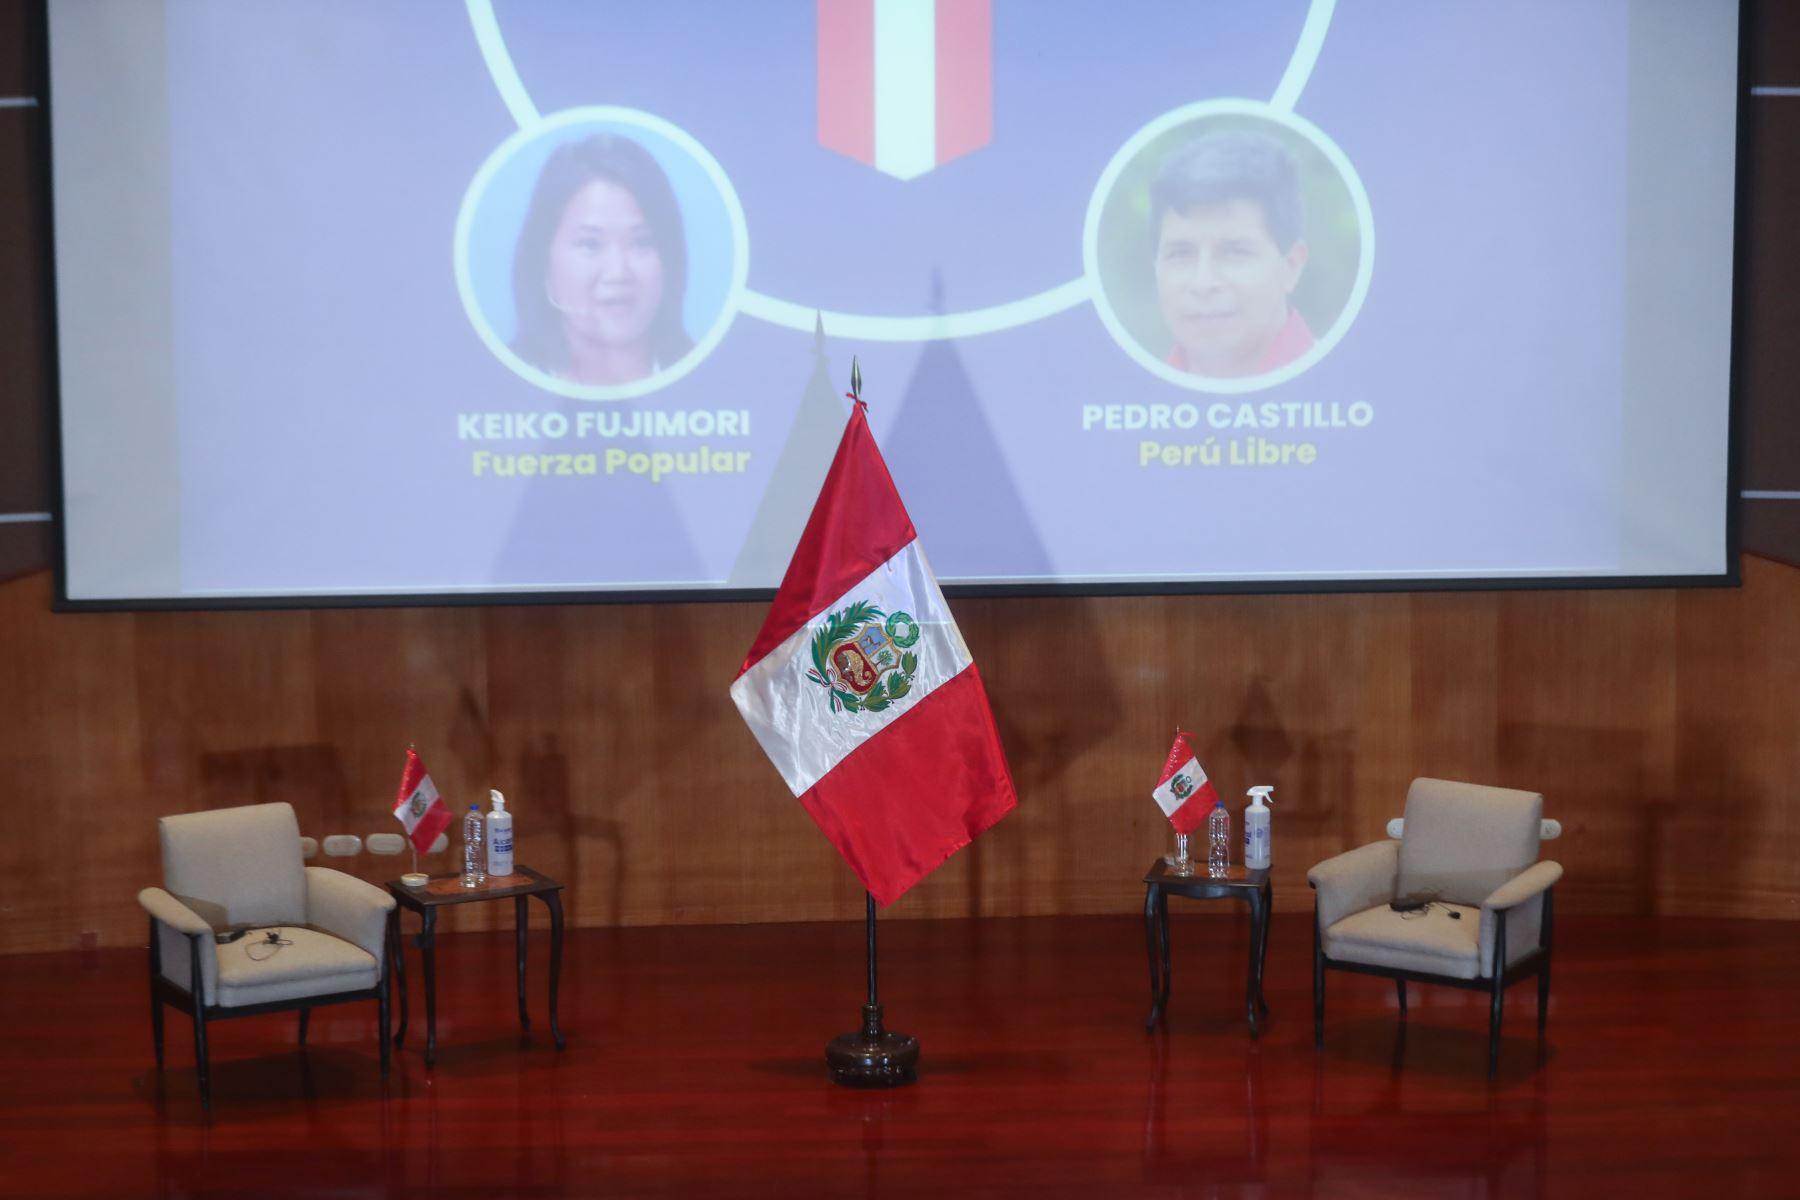 Candidatos a la presidencia de Perú Libre, Pedro Castillo, y de Fuerza Popular, Keiko Fujimori, asumirán el compromiso de cumplir con los 12 puntos expuestos en la Proclama Ciudadana - Juramento por la Democracia. En el auditorio del Colegio Médico del Perú. Foto: ANDINA/Carla Patiño